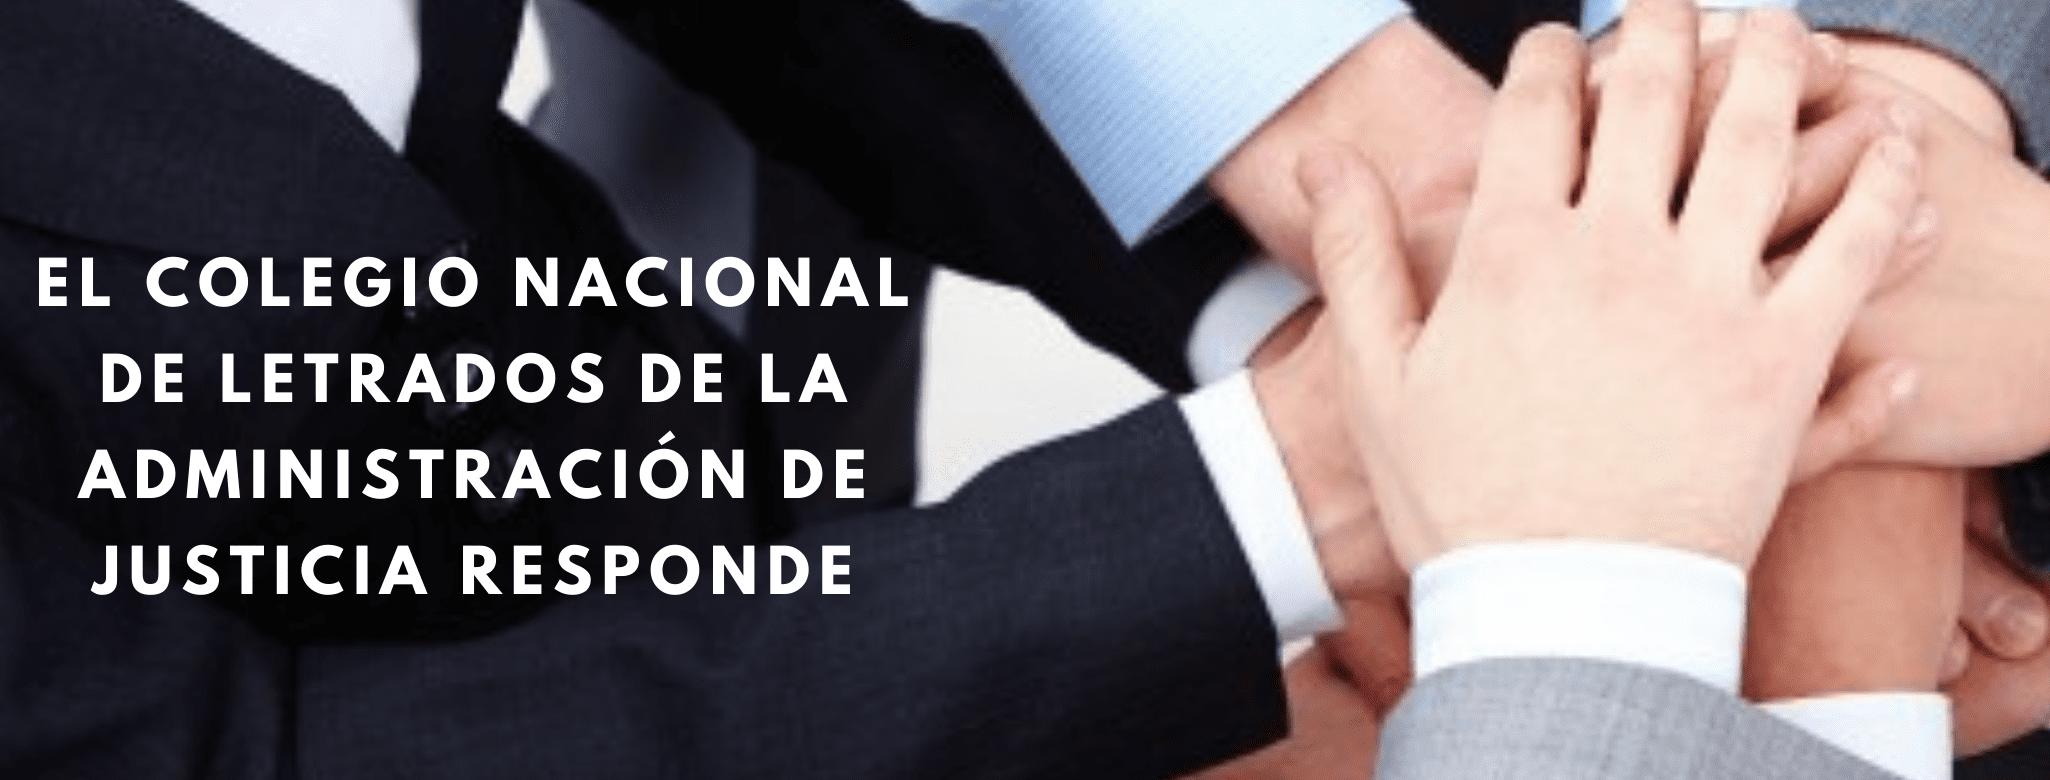 EL COLEGIO NACIONAL DE LETRADOS DE LA ADMINISTRACIÓN DE JUSTICIA RESPONDE